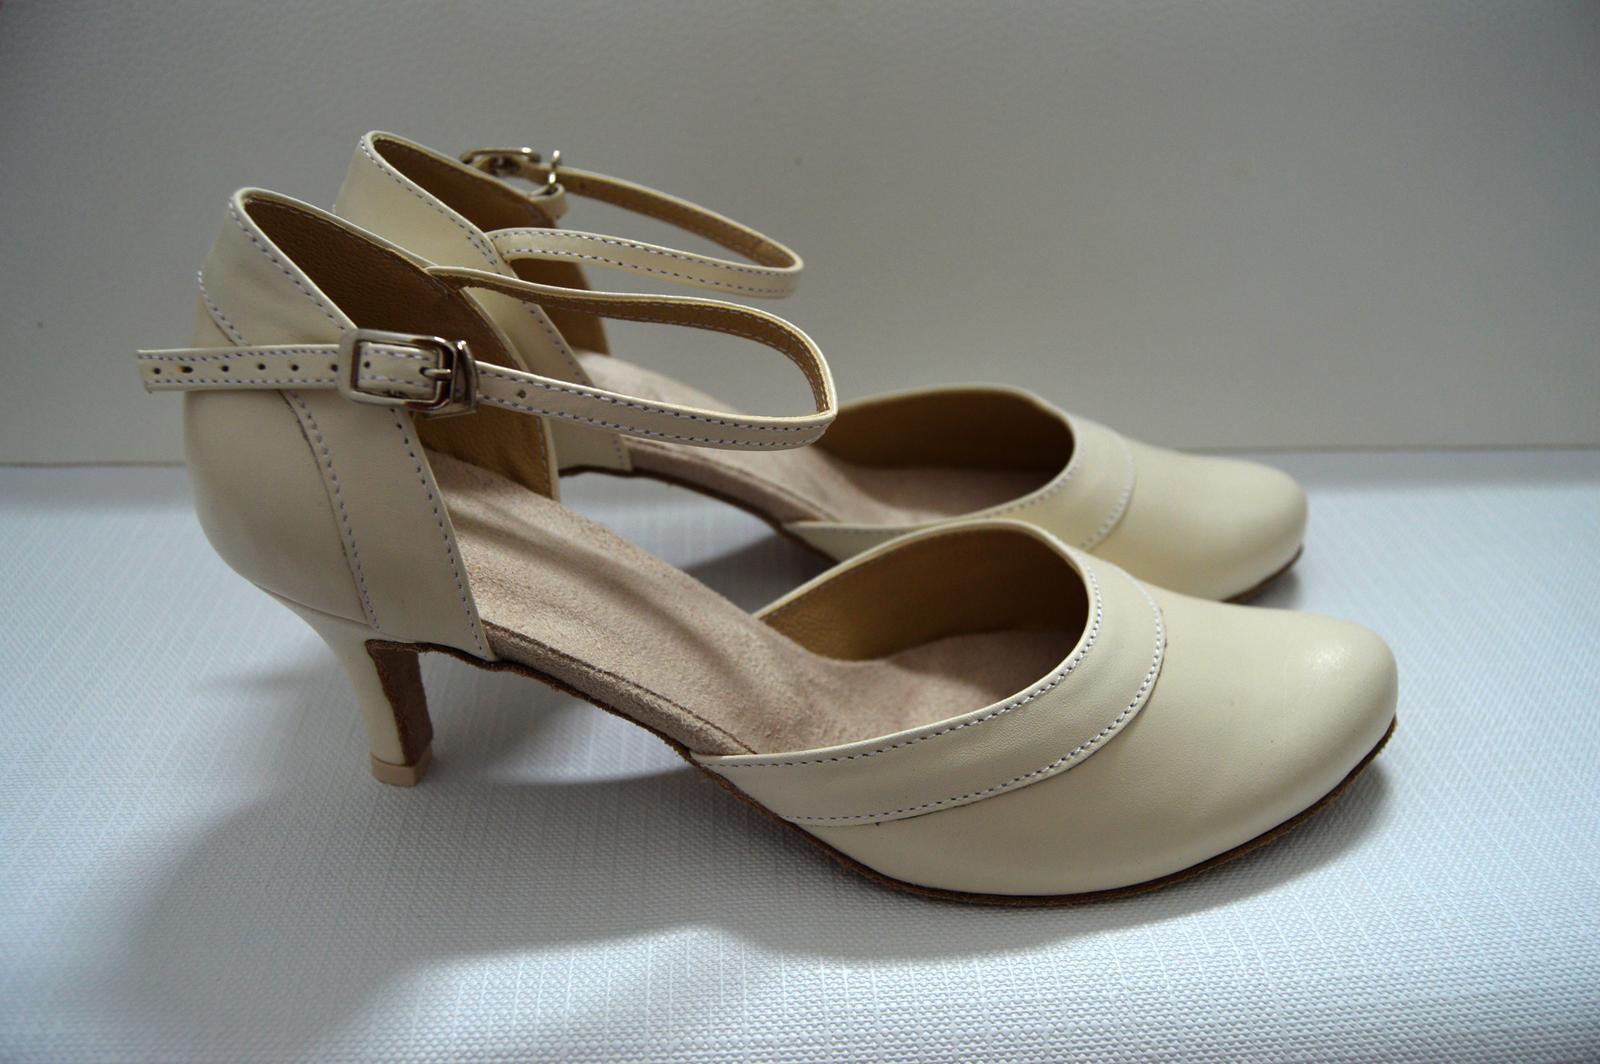 Svadobné topánky, inšpirácie z Vašich návrhov, farby biela, ivory, šampaň. - Svadobné tanečné topánky s úpravou na bežné nosenie model Amanda pravá koža ivory-slonová kosť, úpravy podľa želania klietky